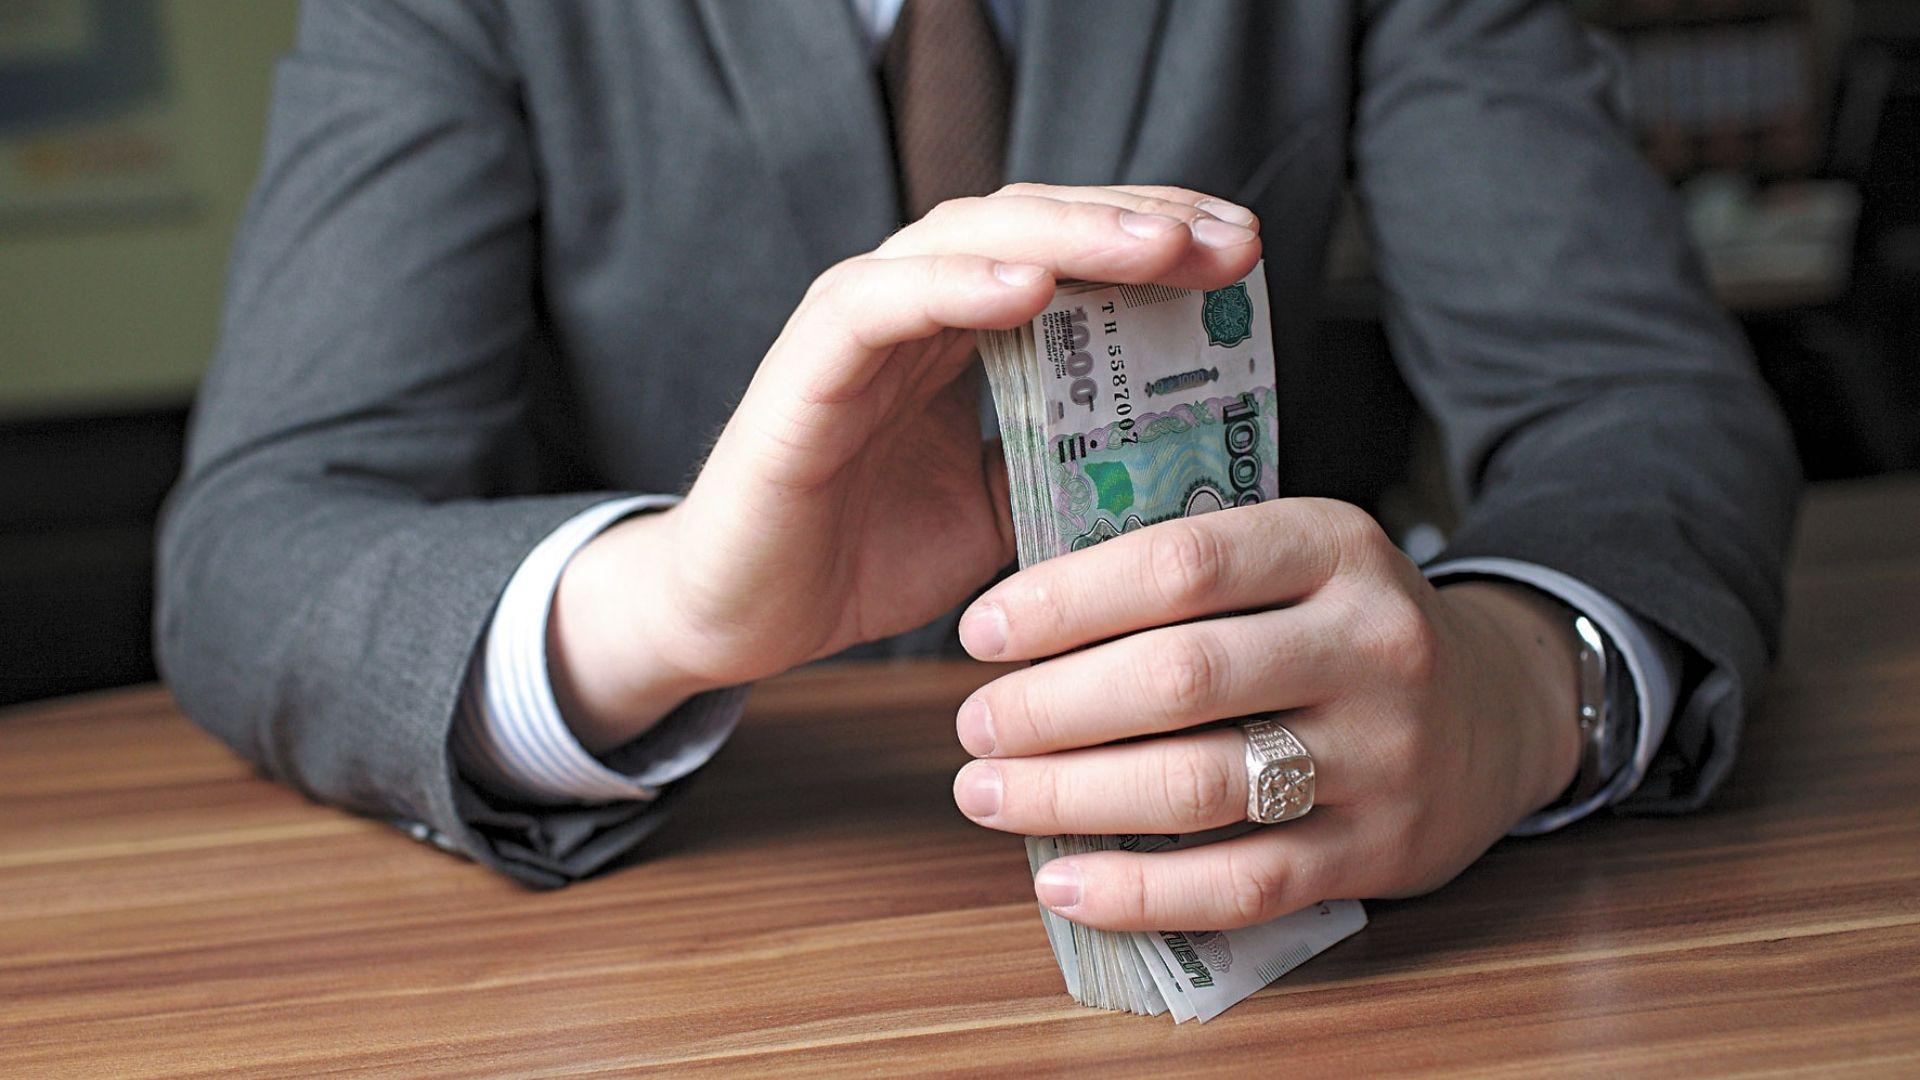 Тариф Модуль банка. Расчётный счёт. Комиссия за снятия, денежные переводы и пополнения